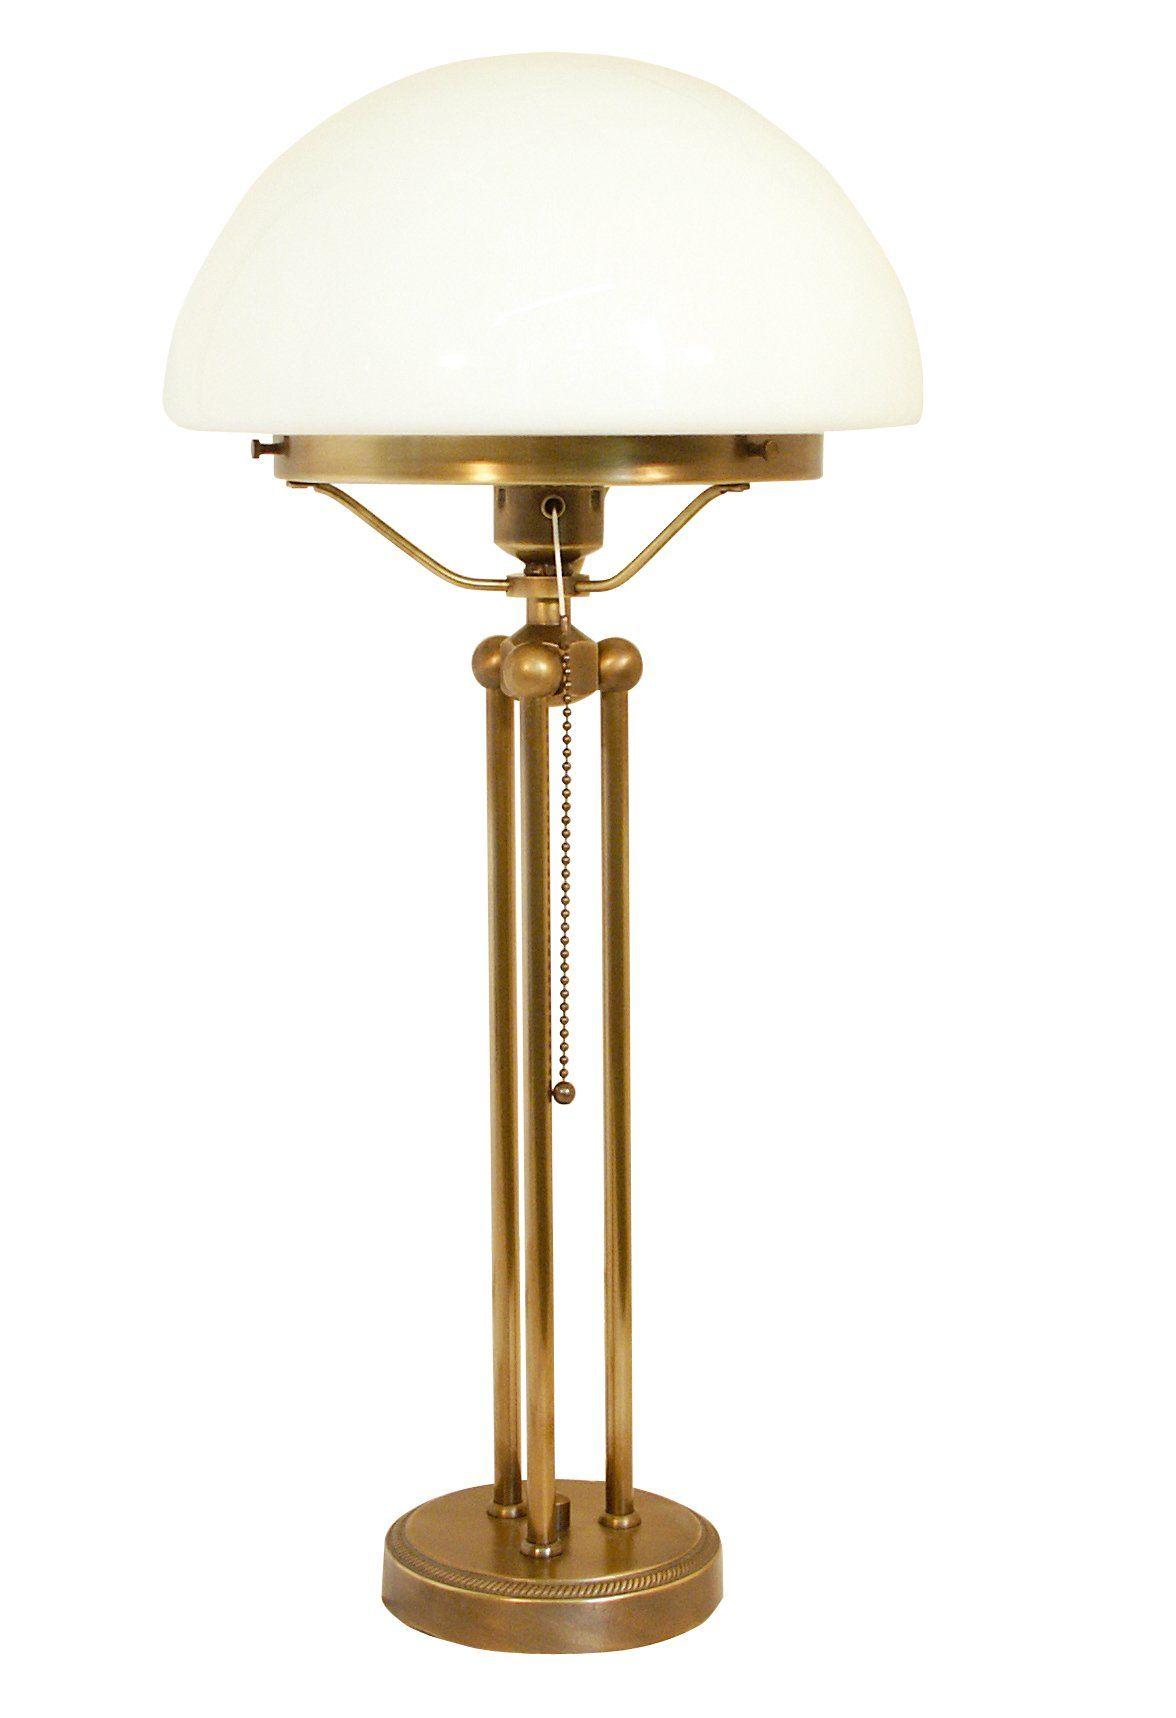 Vintage Brass Mushroom Table Lamp